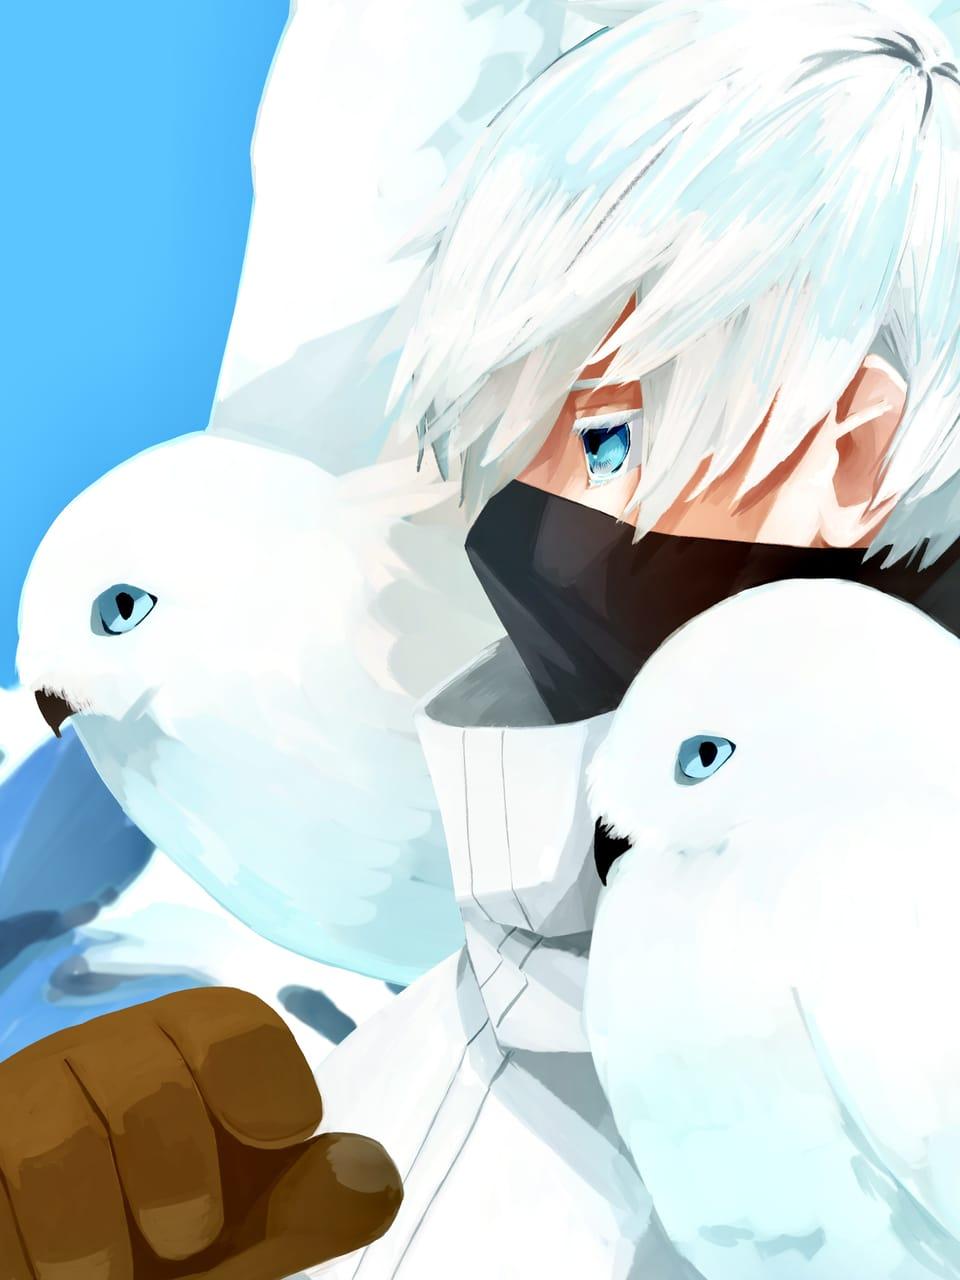 仲間と共に Illust of あばれるあはれ blueeyes blue まつげ white_hair snow フクロウ